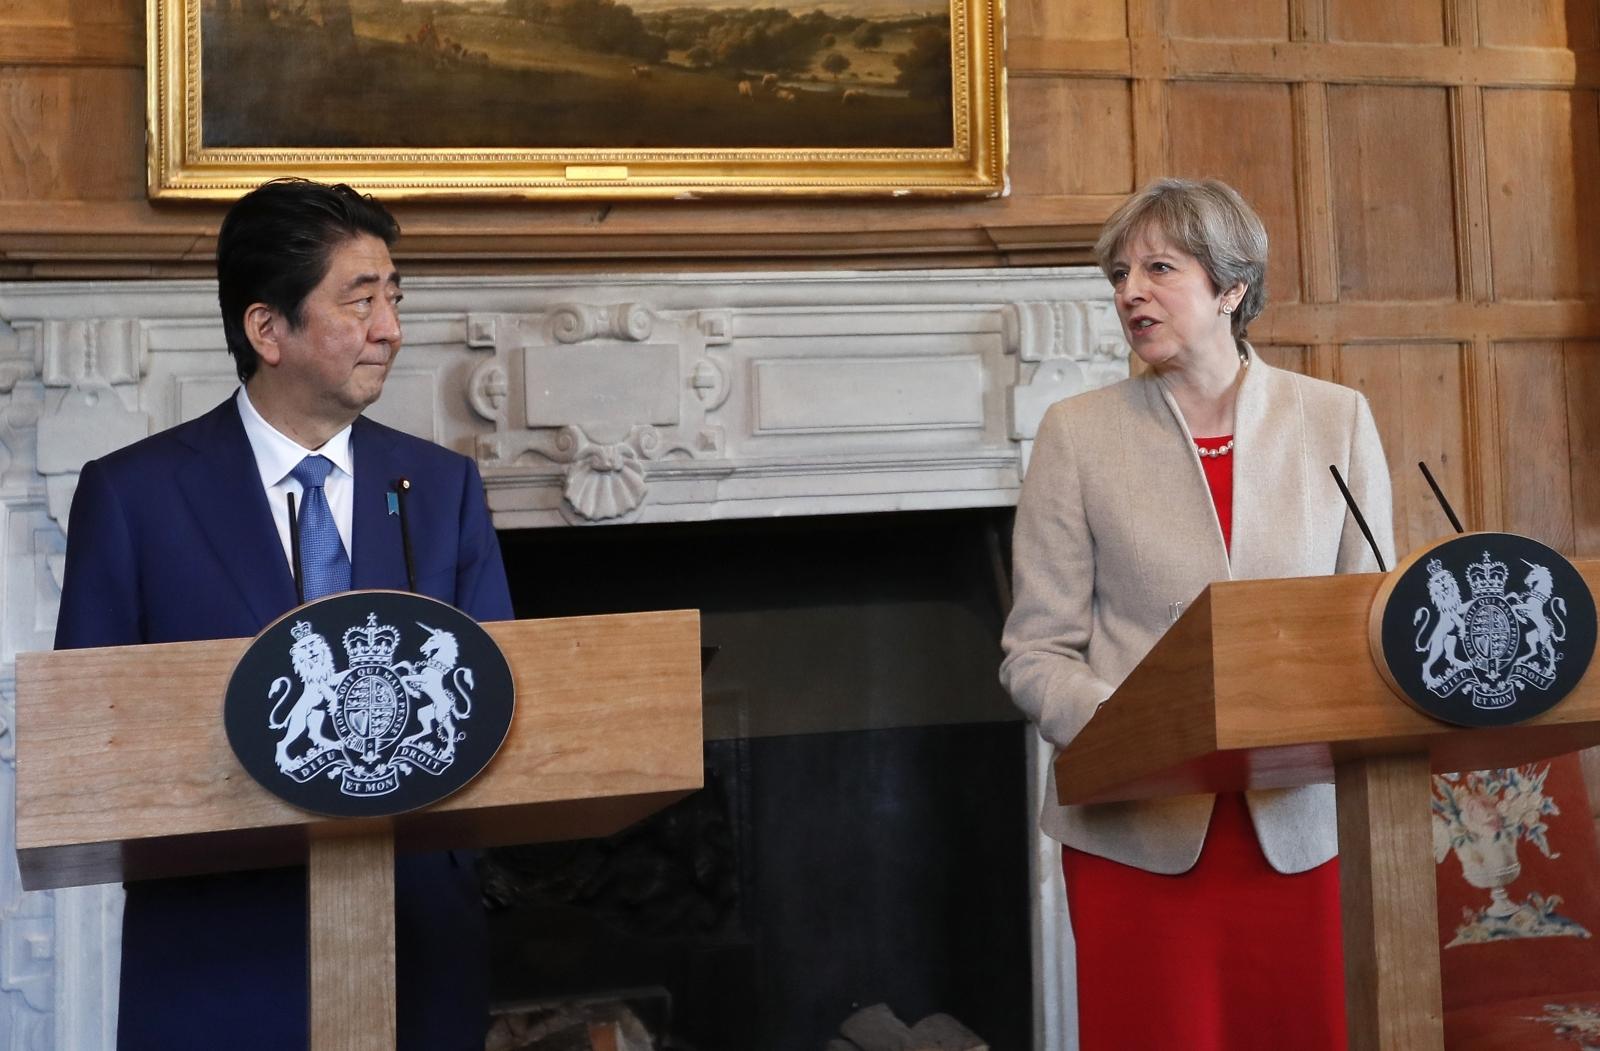 Theresa May and Shinzō Abe